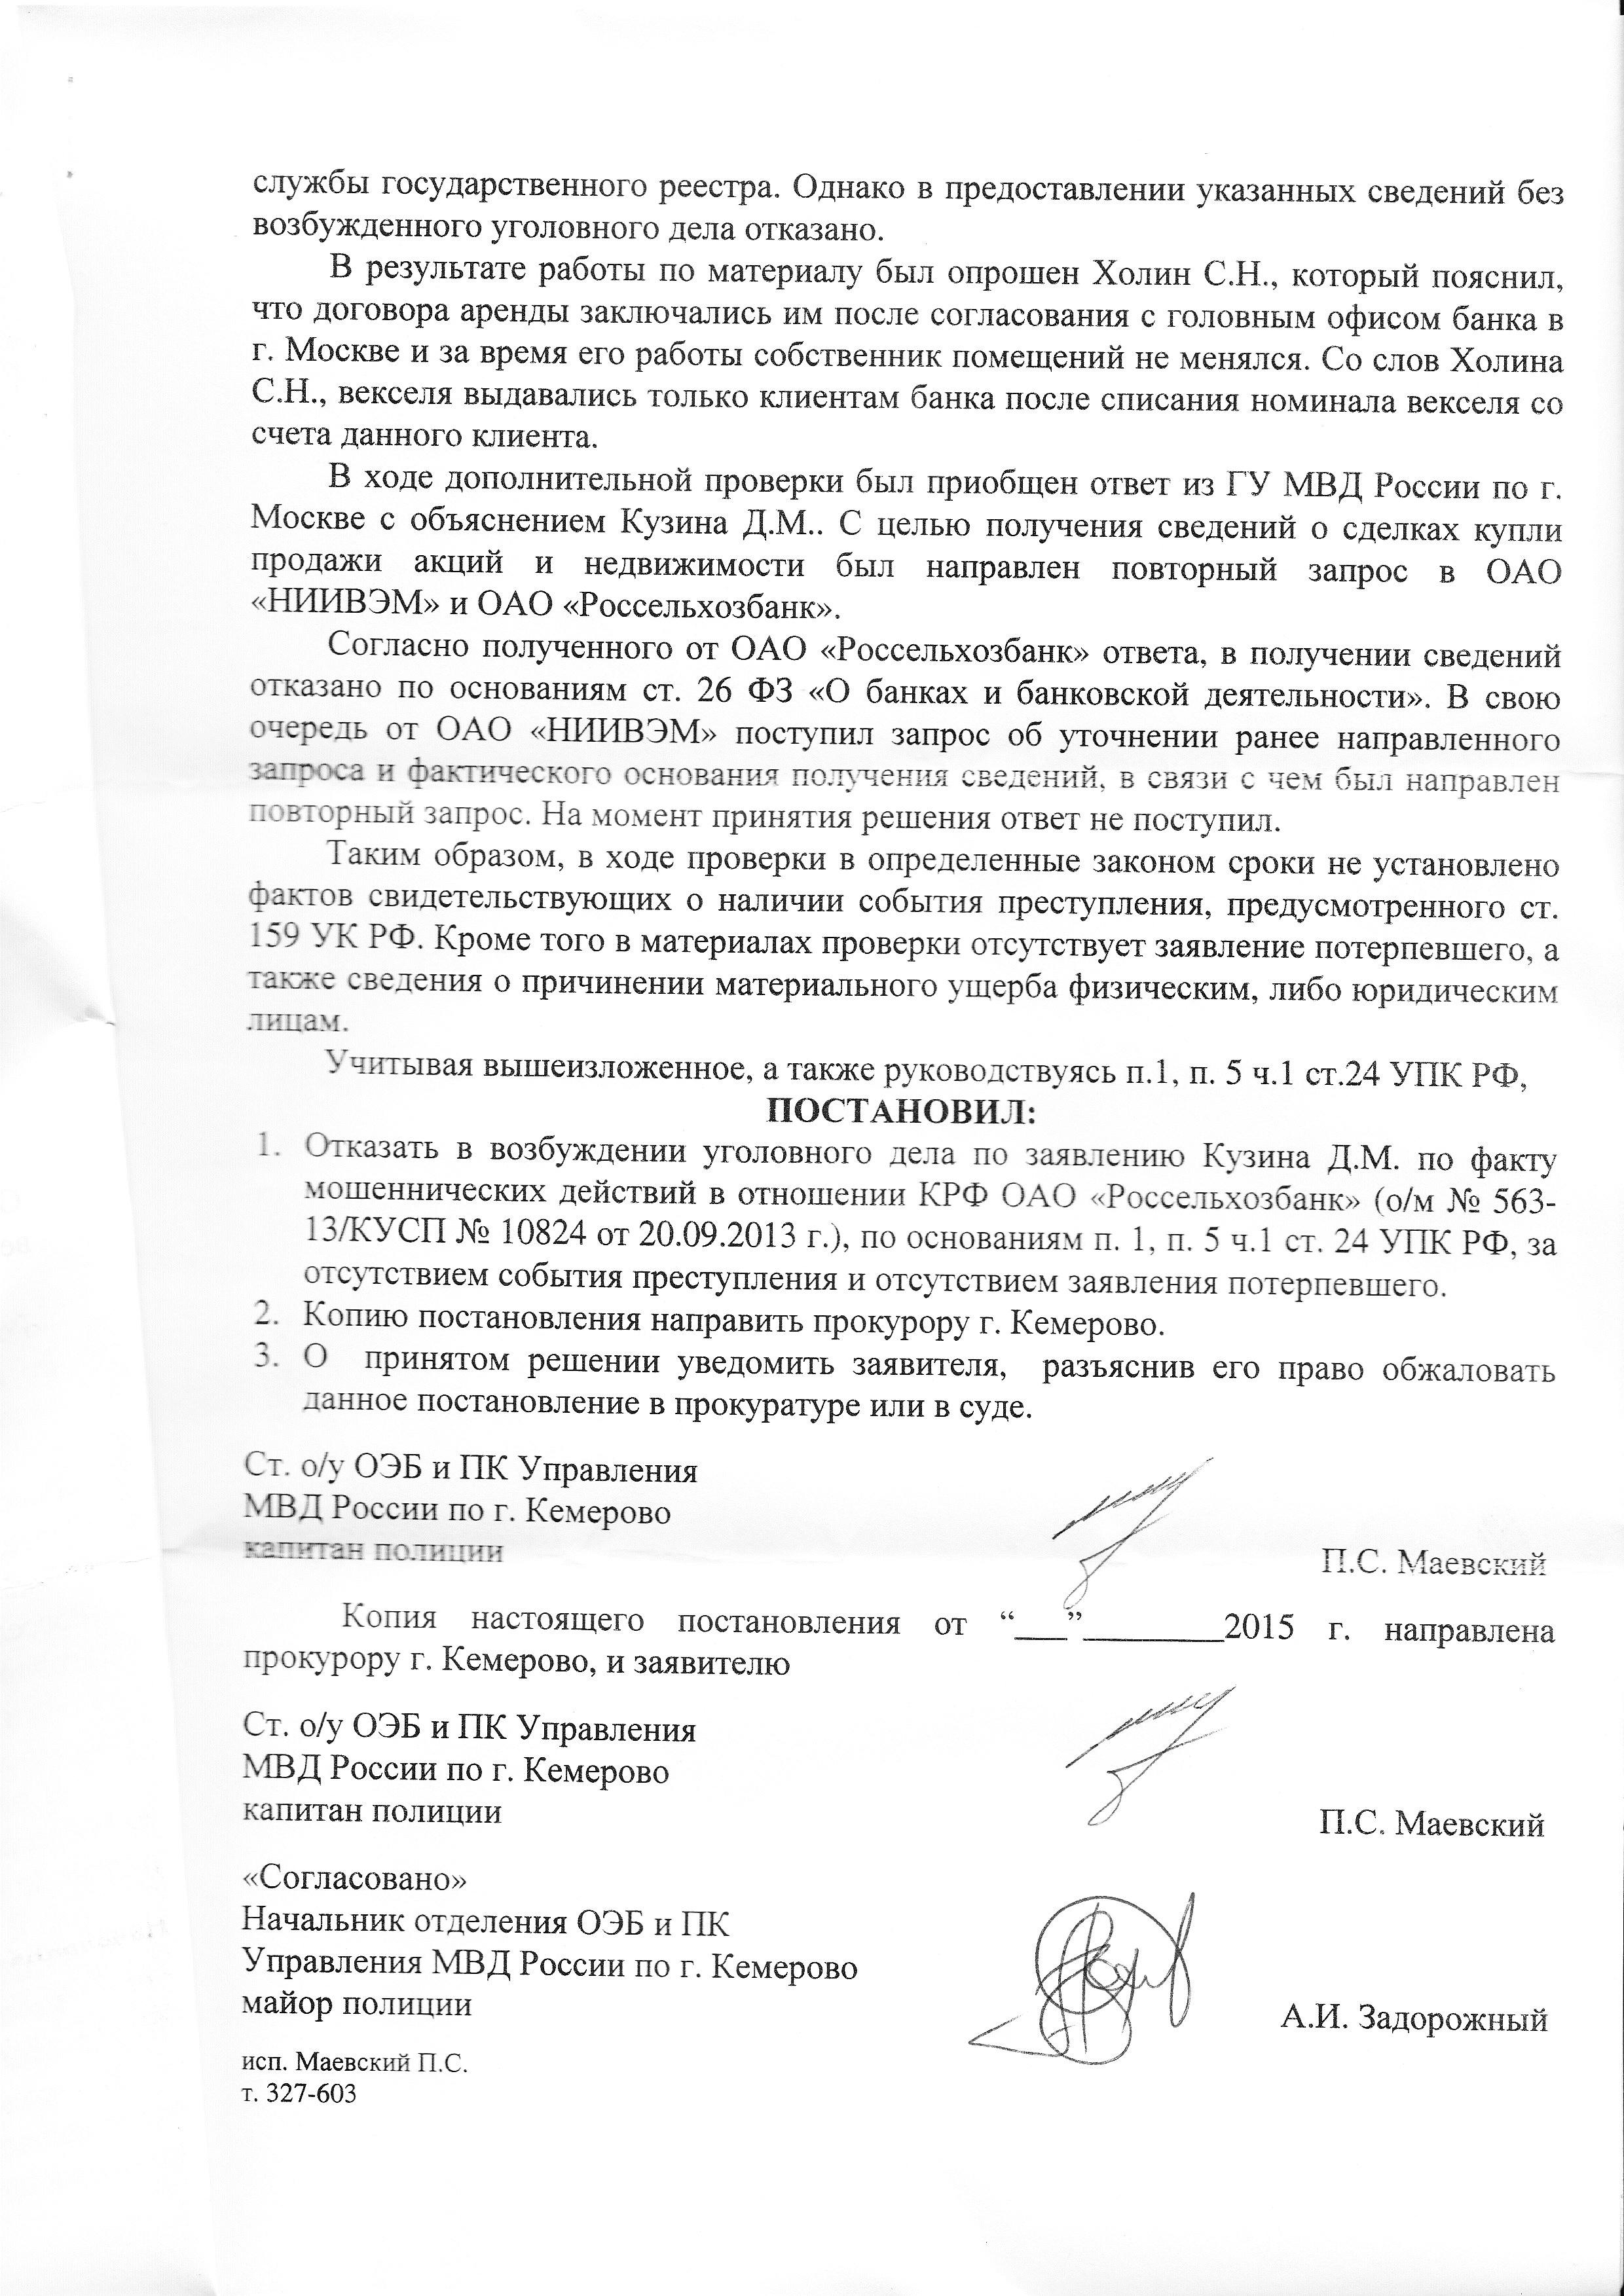 Тринадцатое постановление УВД Кемерова - 2 л